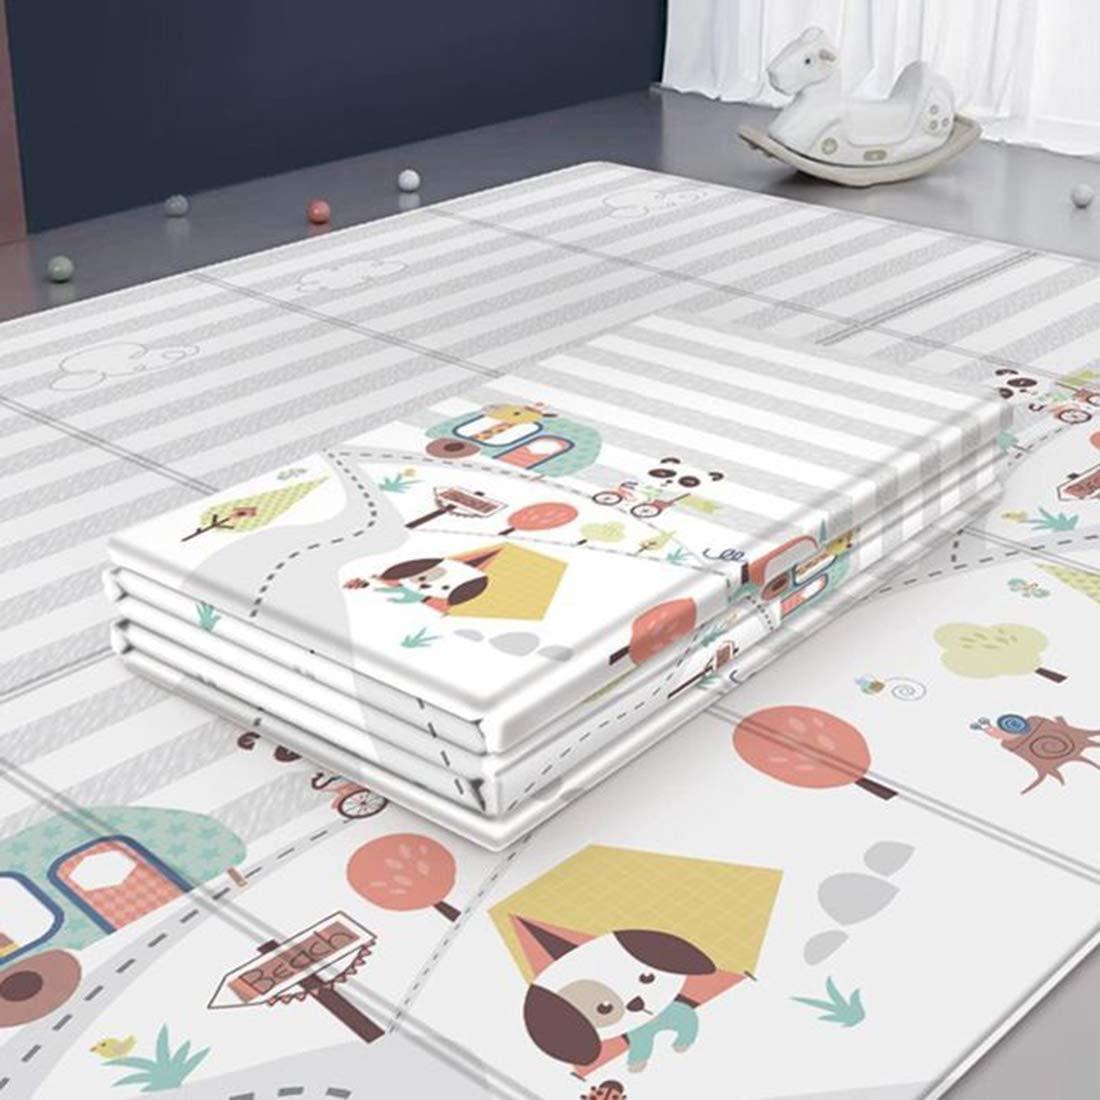 DXX Alfombra Niños Alfombrilla de Juego para Bebé, plegable, antideslizante, extragrande, reversible, impermeable, portátil, de doble cara, para niños pequeños y bebés,200 x 180cm